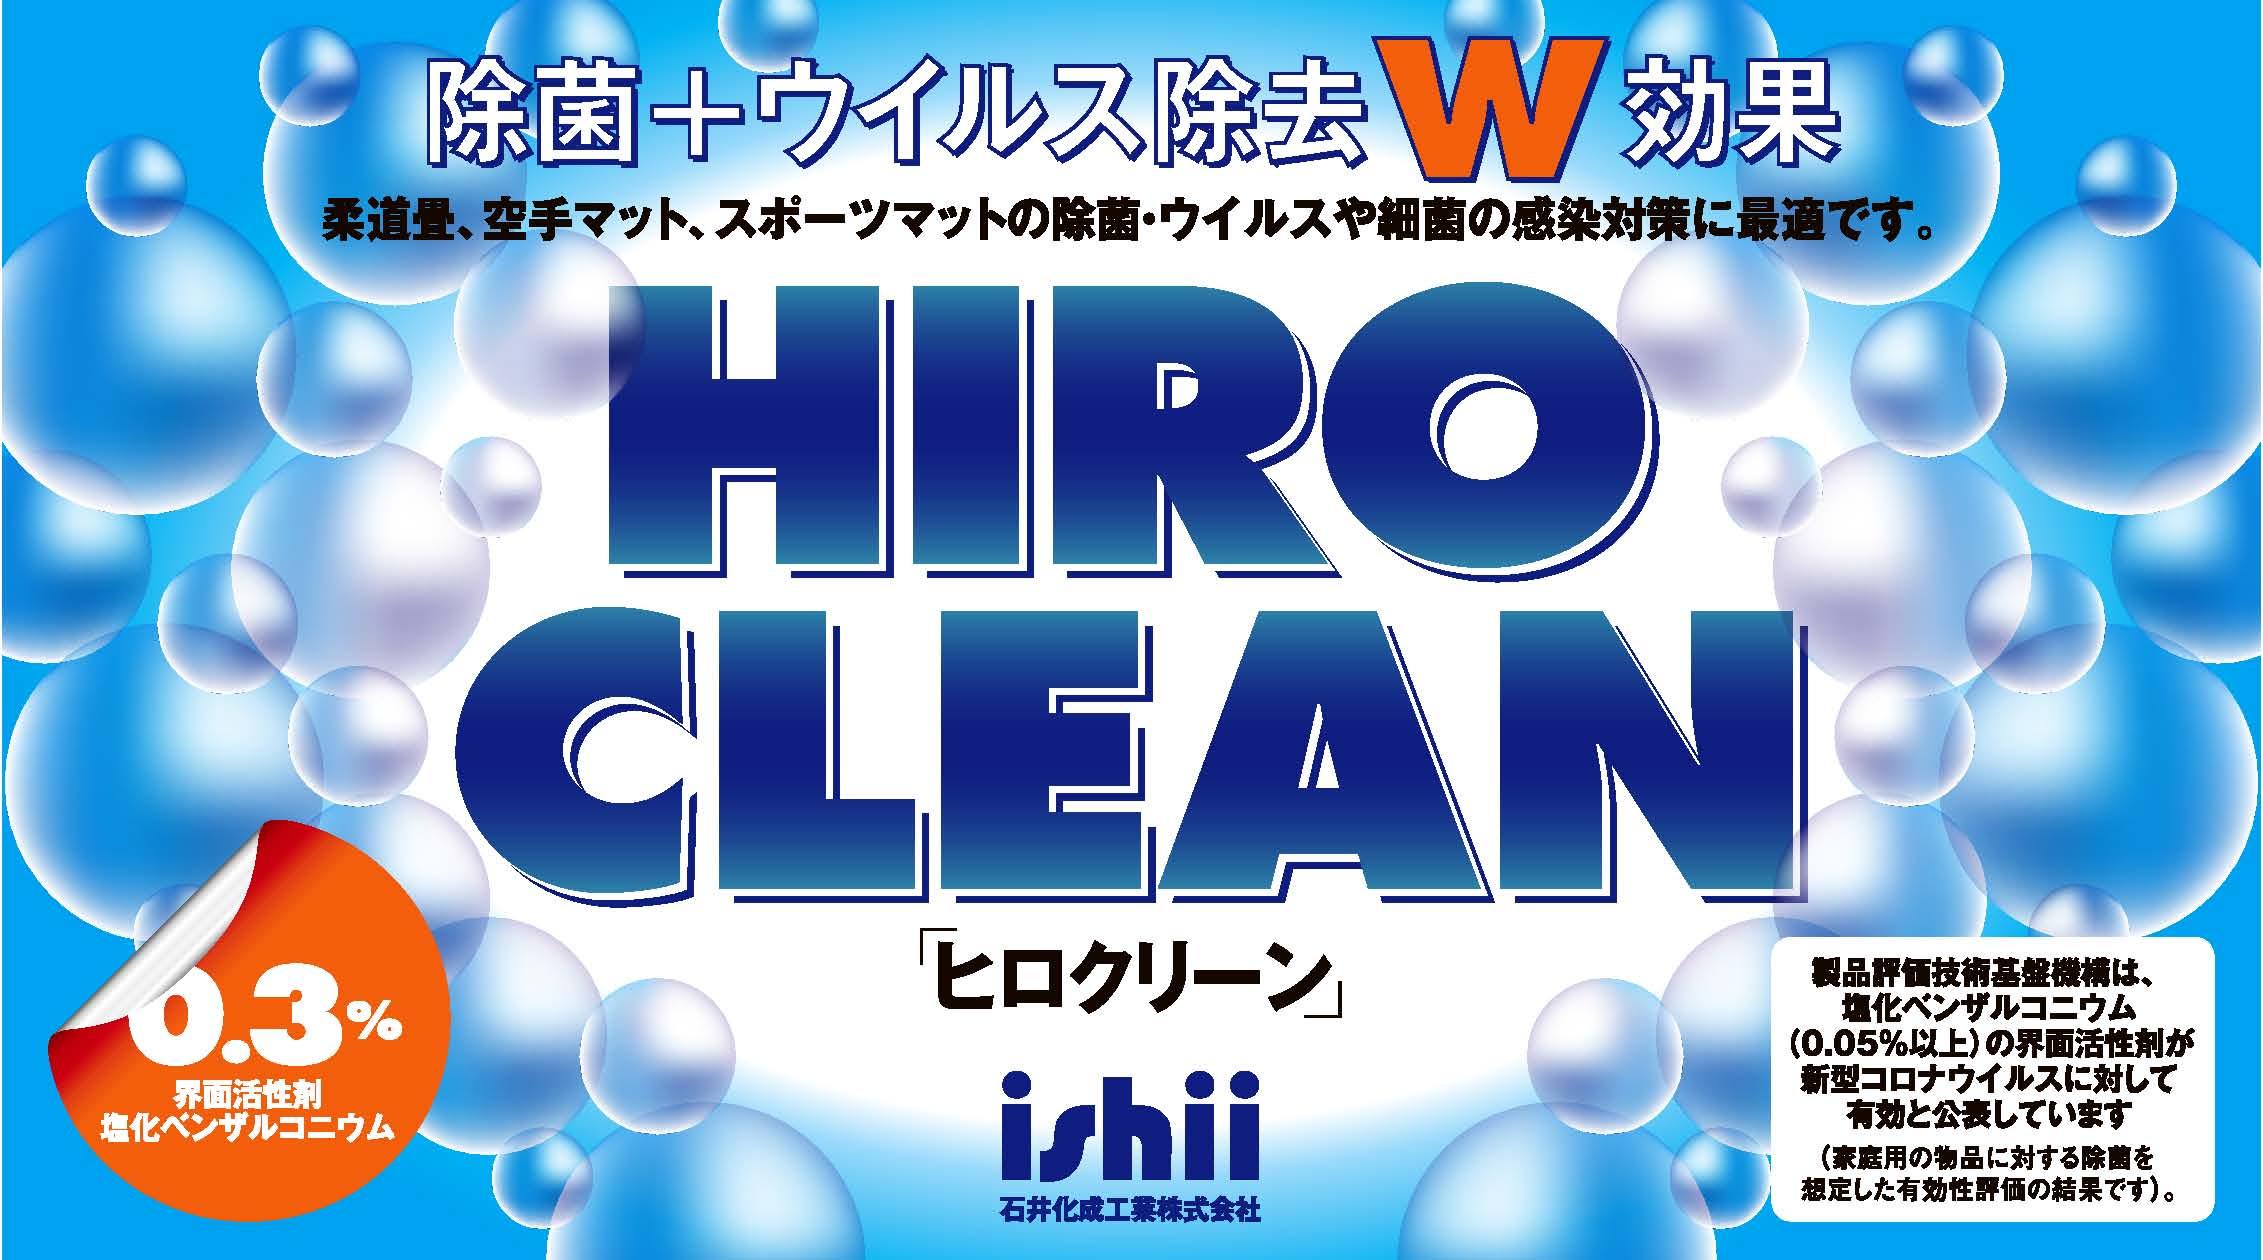 ヒロクリーン HIROCLEAN 除菌クリーナー 石井化成工業